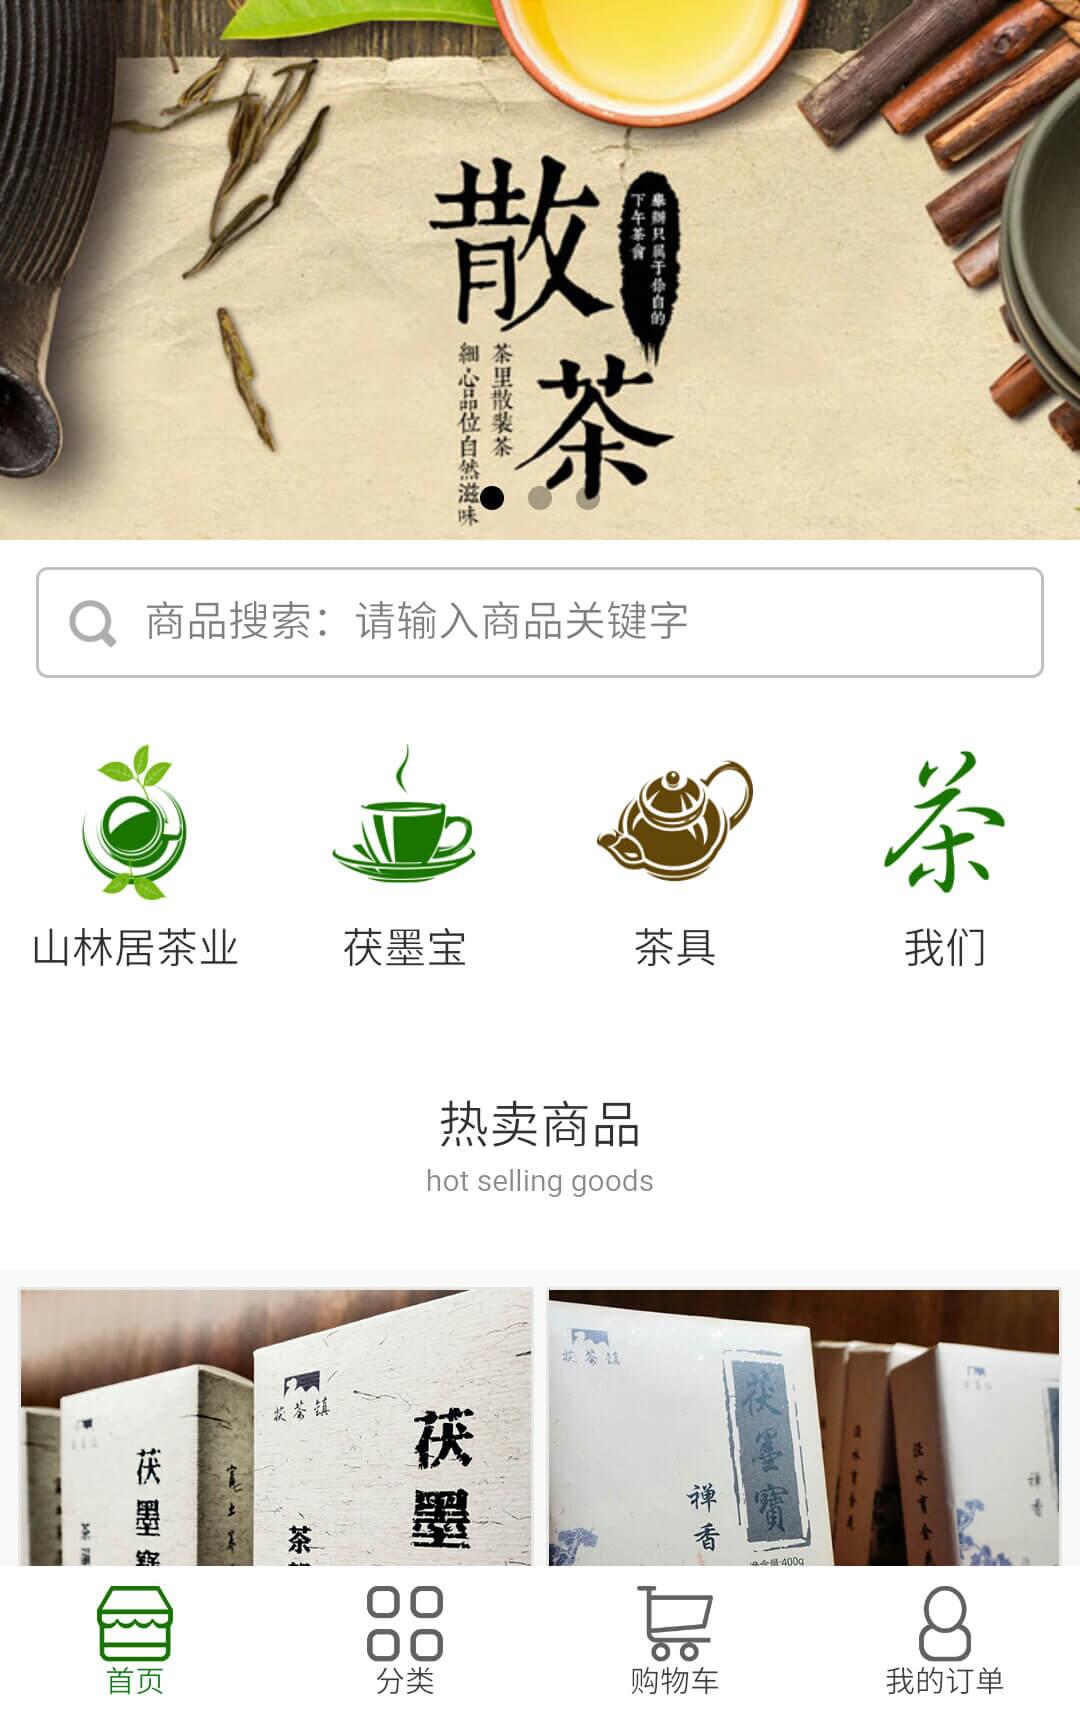 冠军国际cmp茶叶商城小程序